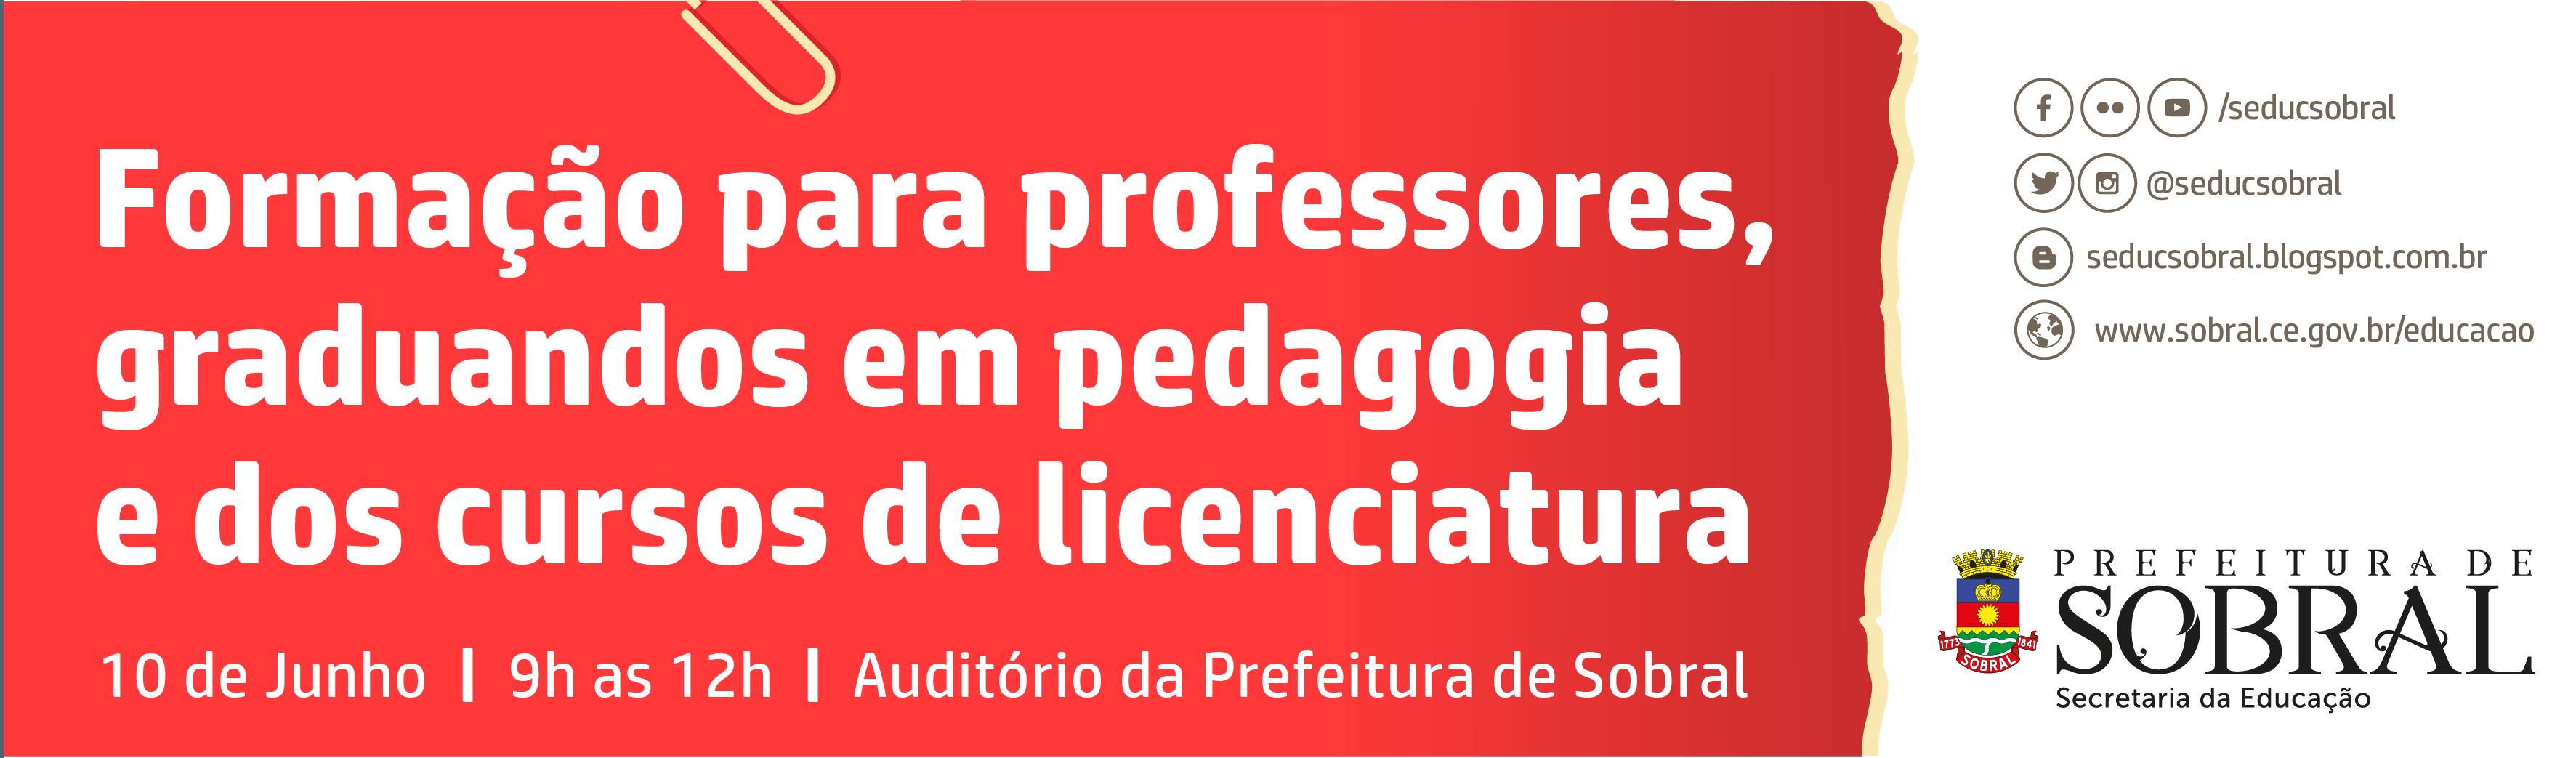 Formação para professores, graduandos em pedagogia e dos cursos de licenciatura